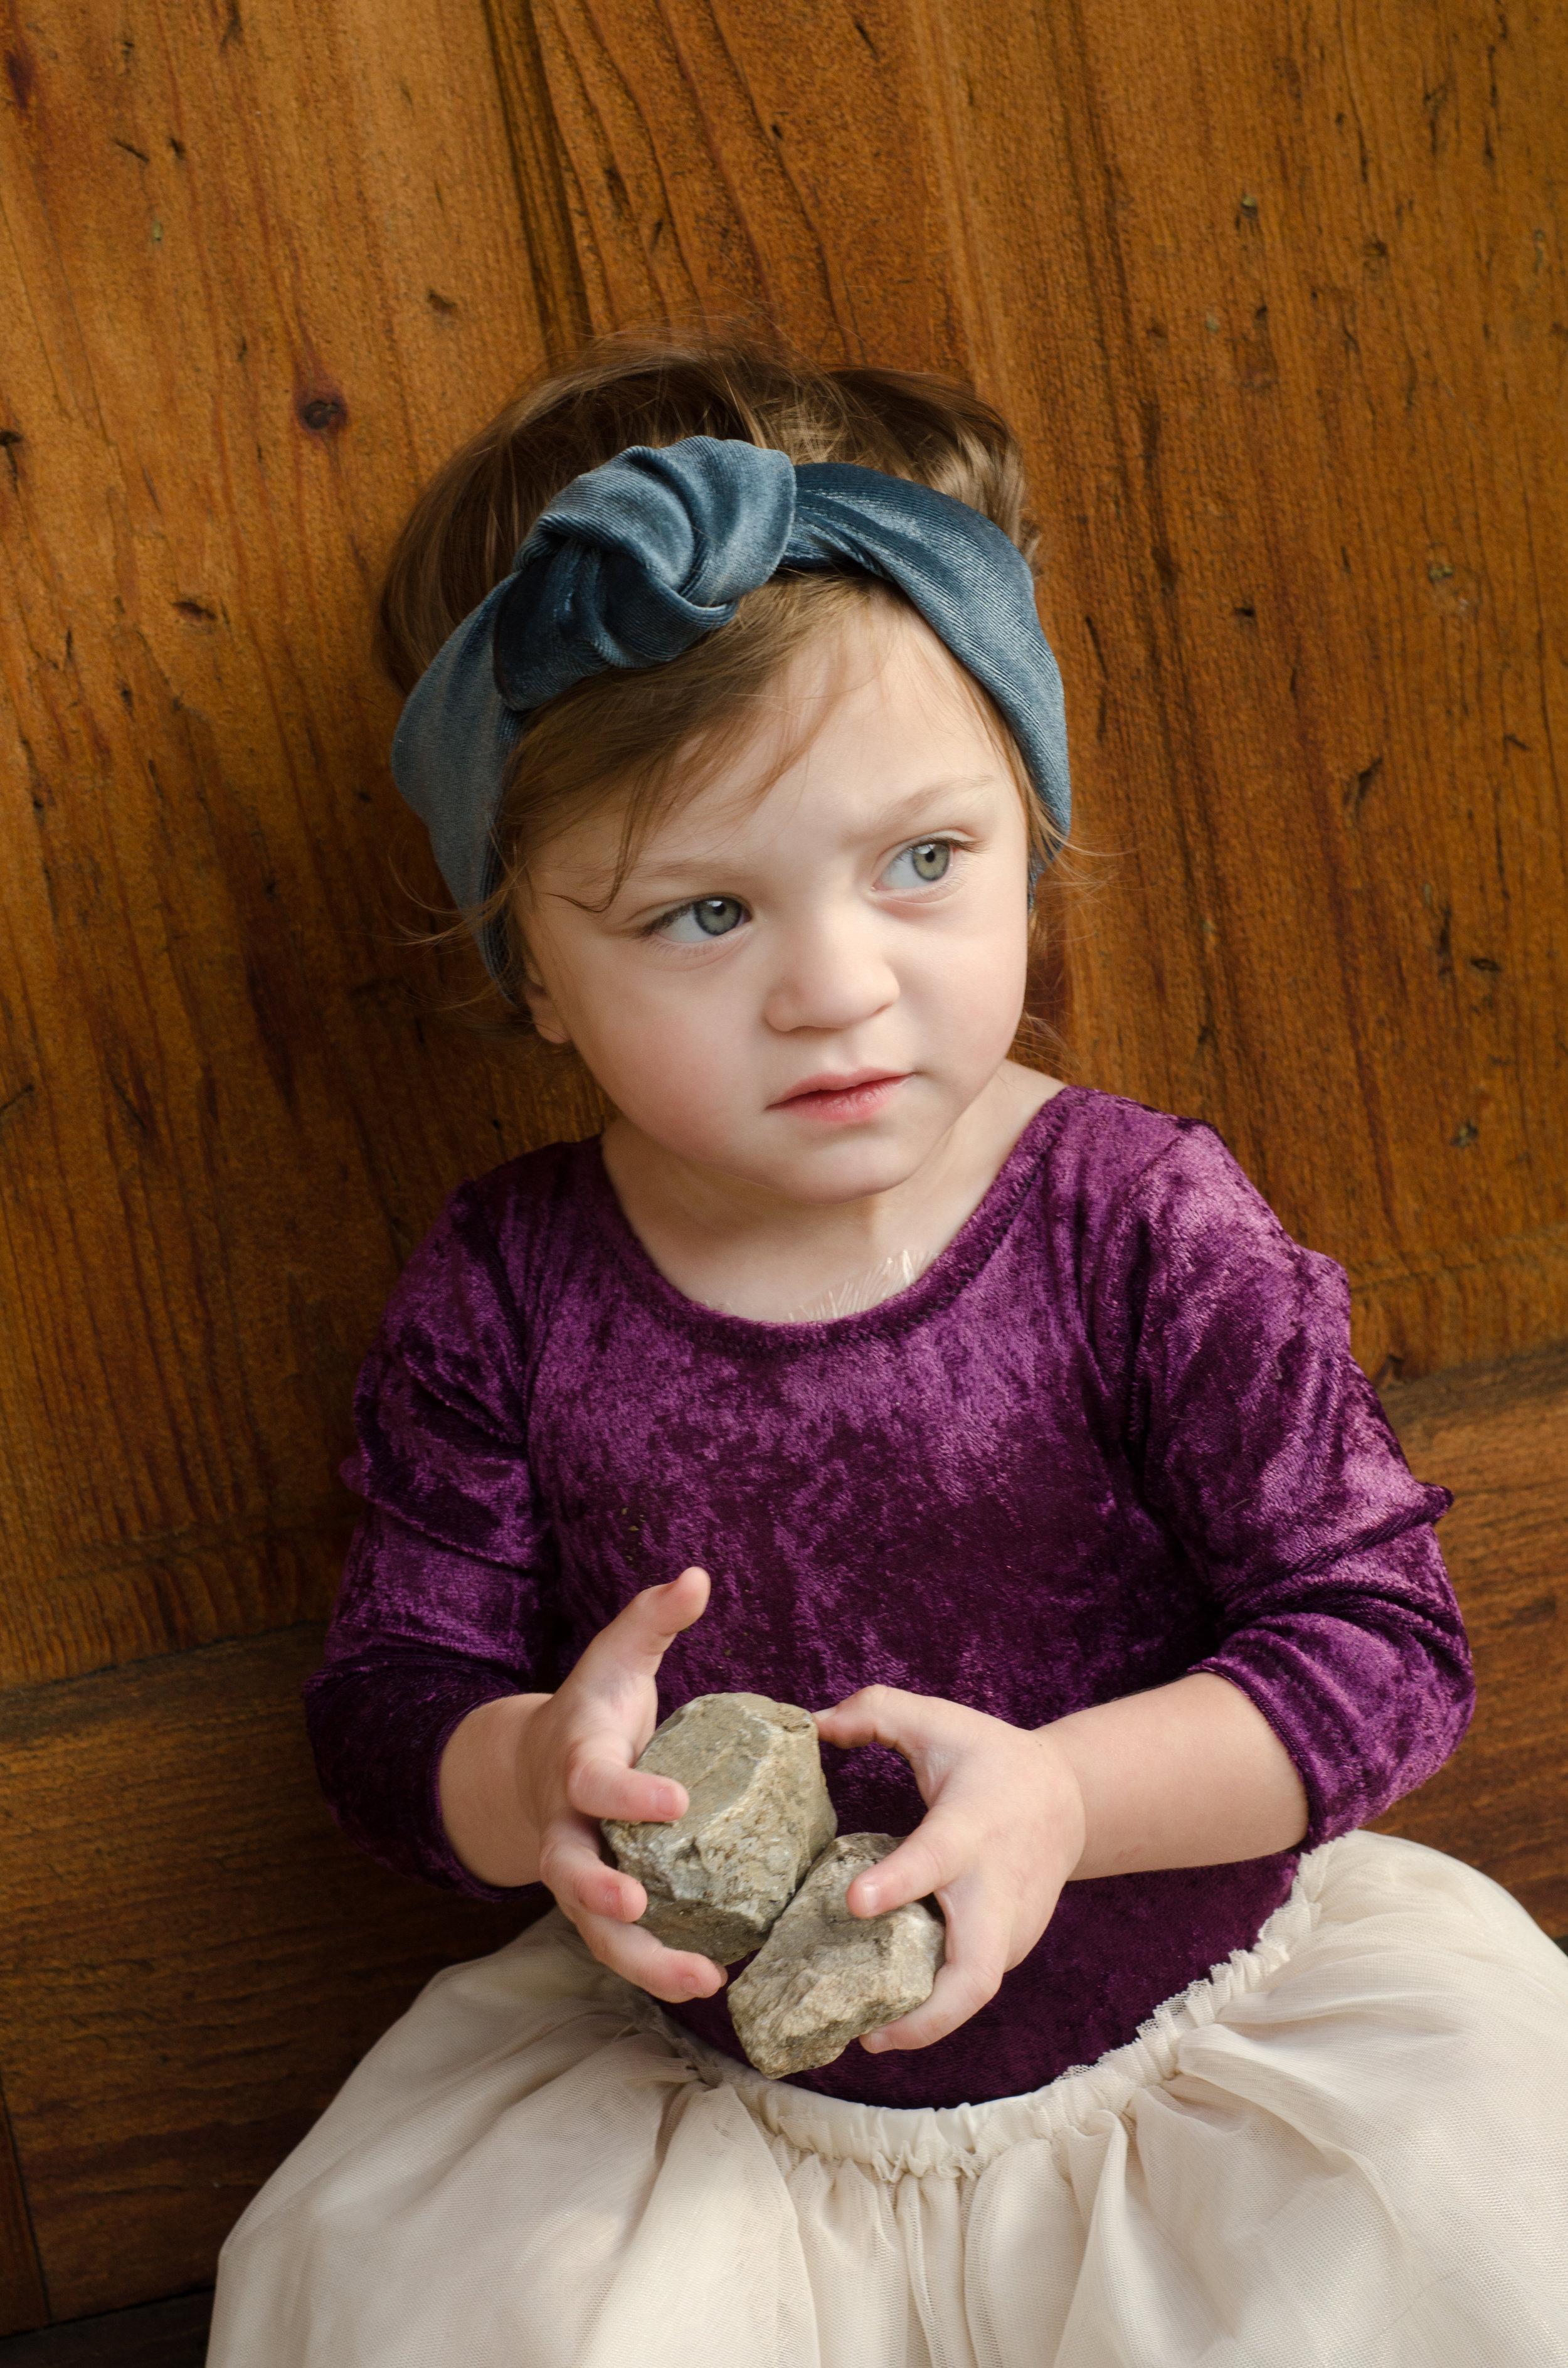 addie belle - 2 years old - october 2017-11.jpg